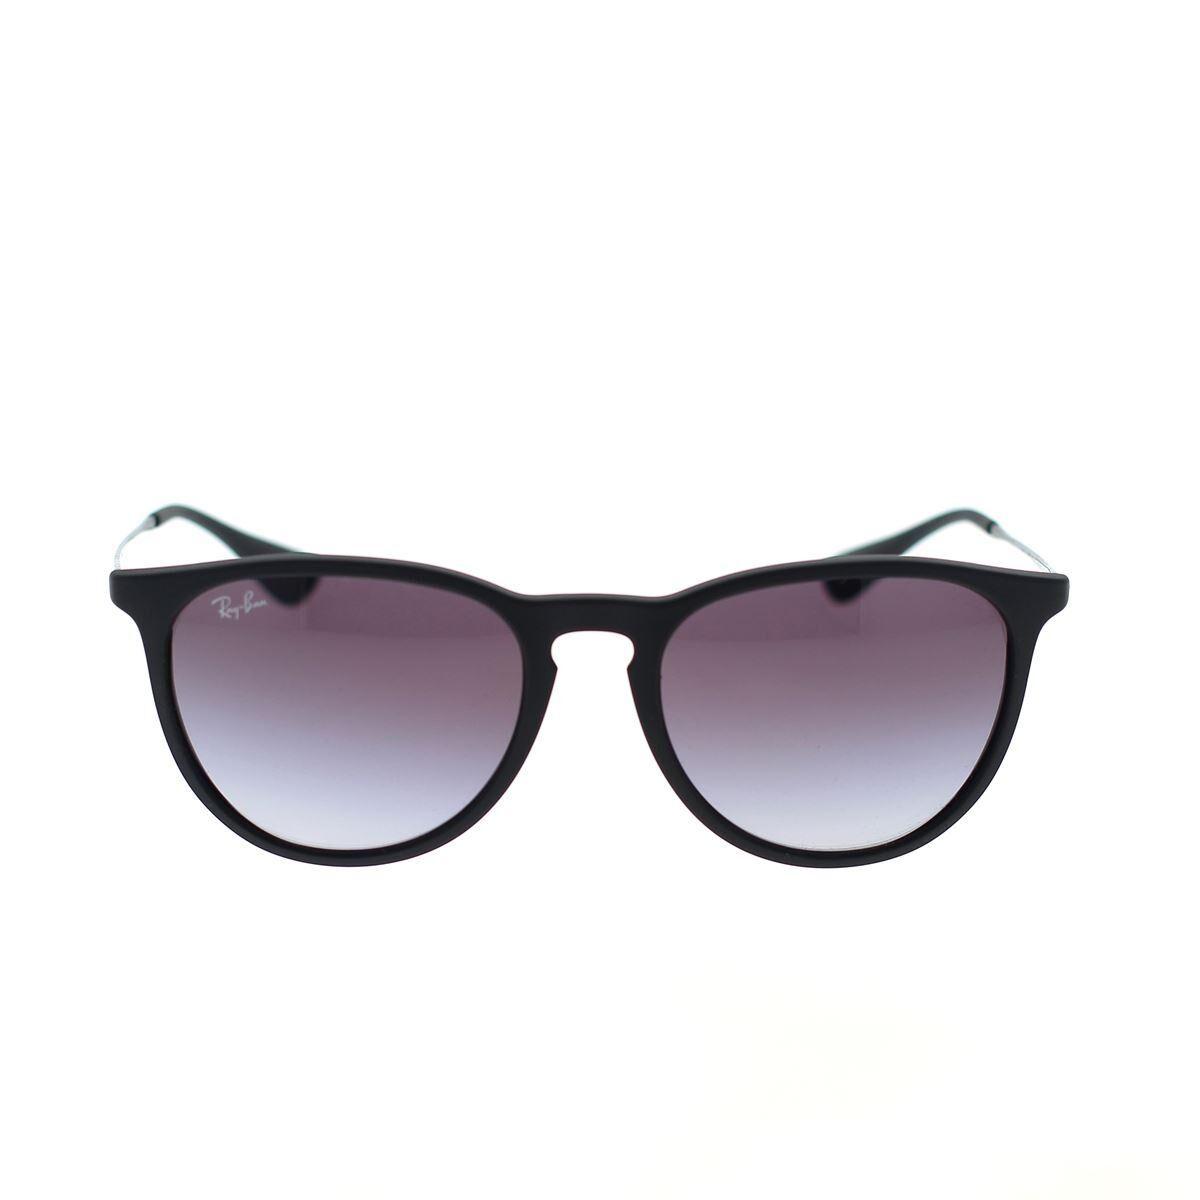 ray-ban occhiali da sole erika rb4171 622/8g